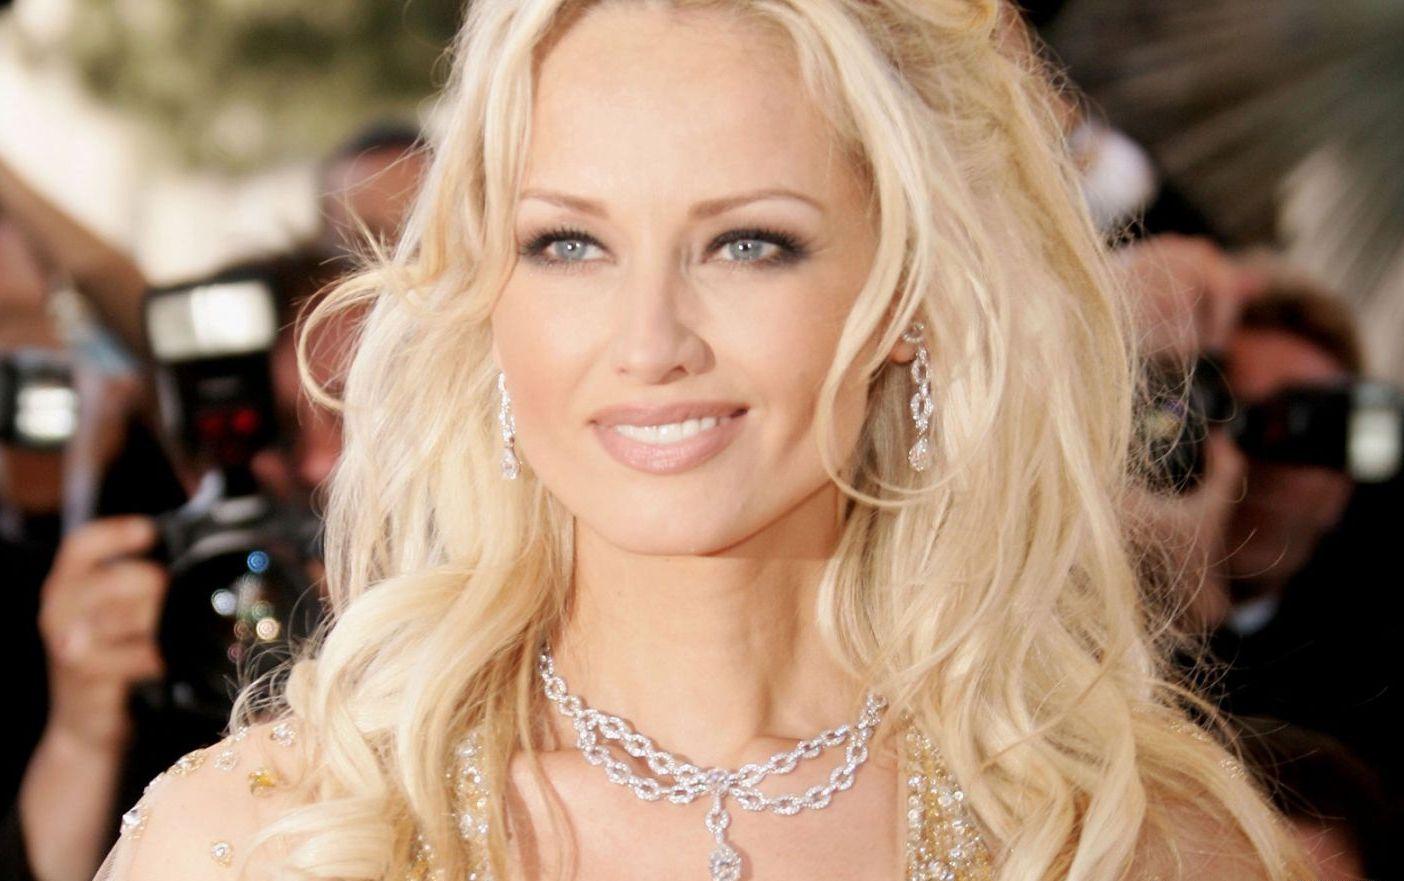 Potvrdené  Slovenky patria medzi najkrajšie ženy na svete ... 1256917b26